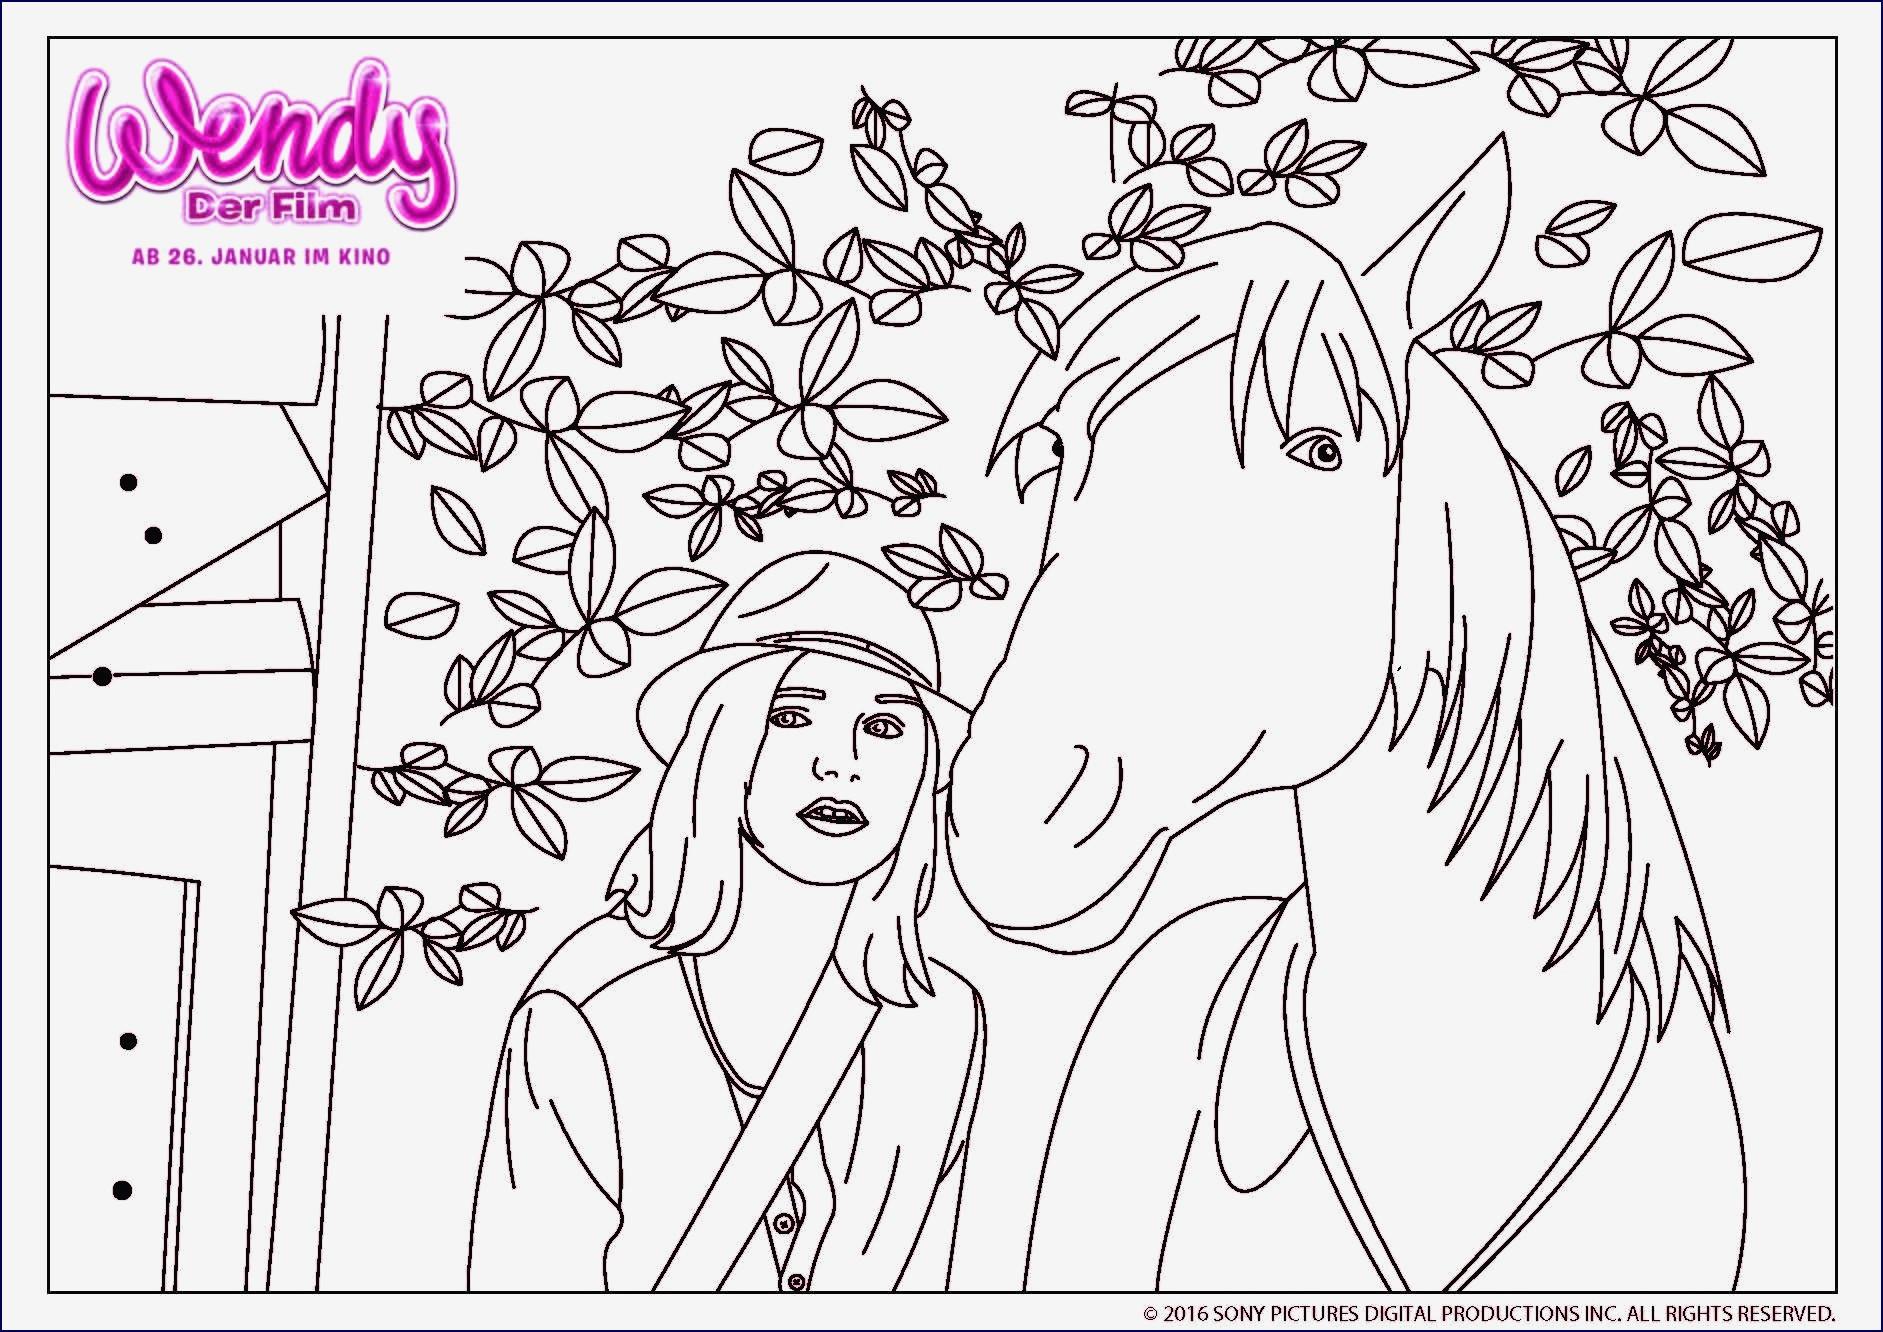 Equestria Girls Ausmalbilder Neu Ausmalbilder Kostenlos Eine Sammlung Von Färbung Bilder My Little Sammlung